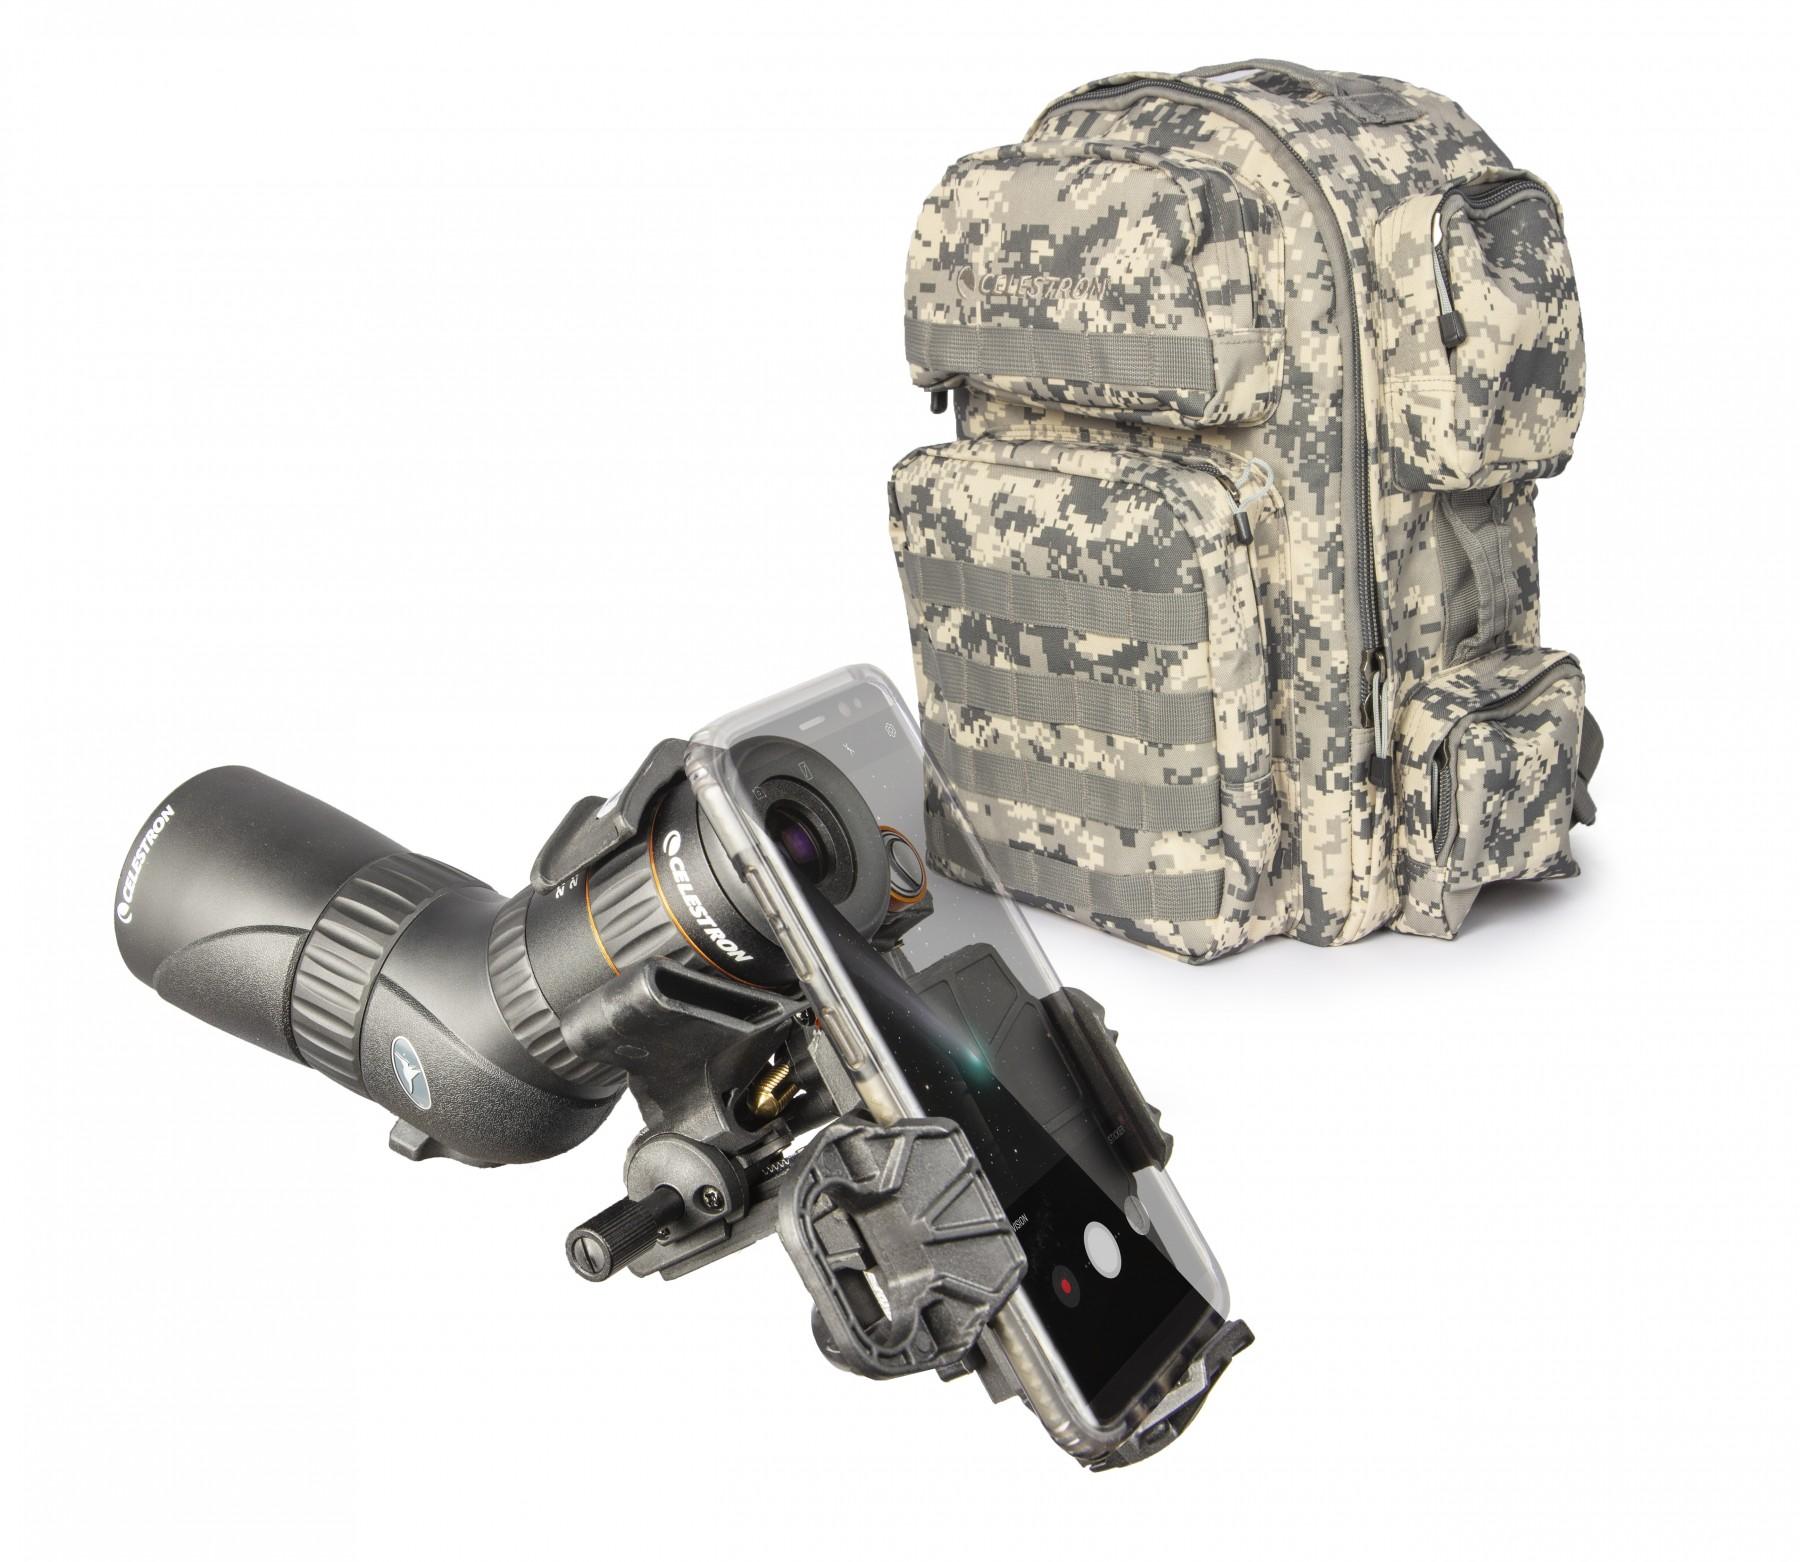 Anwendungsbild: Camouflage-Rucksach mit Hummingbird ED Mikrospektiv und NexYZ Smartphone Adapter